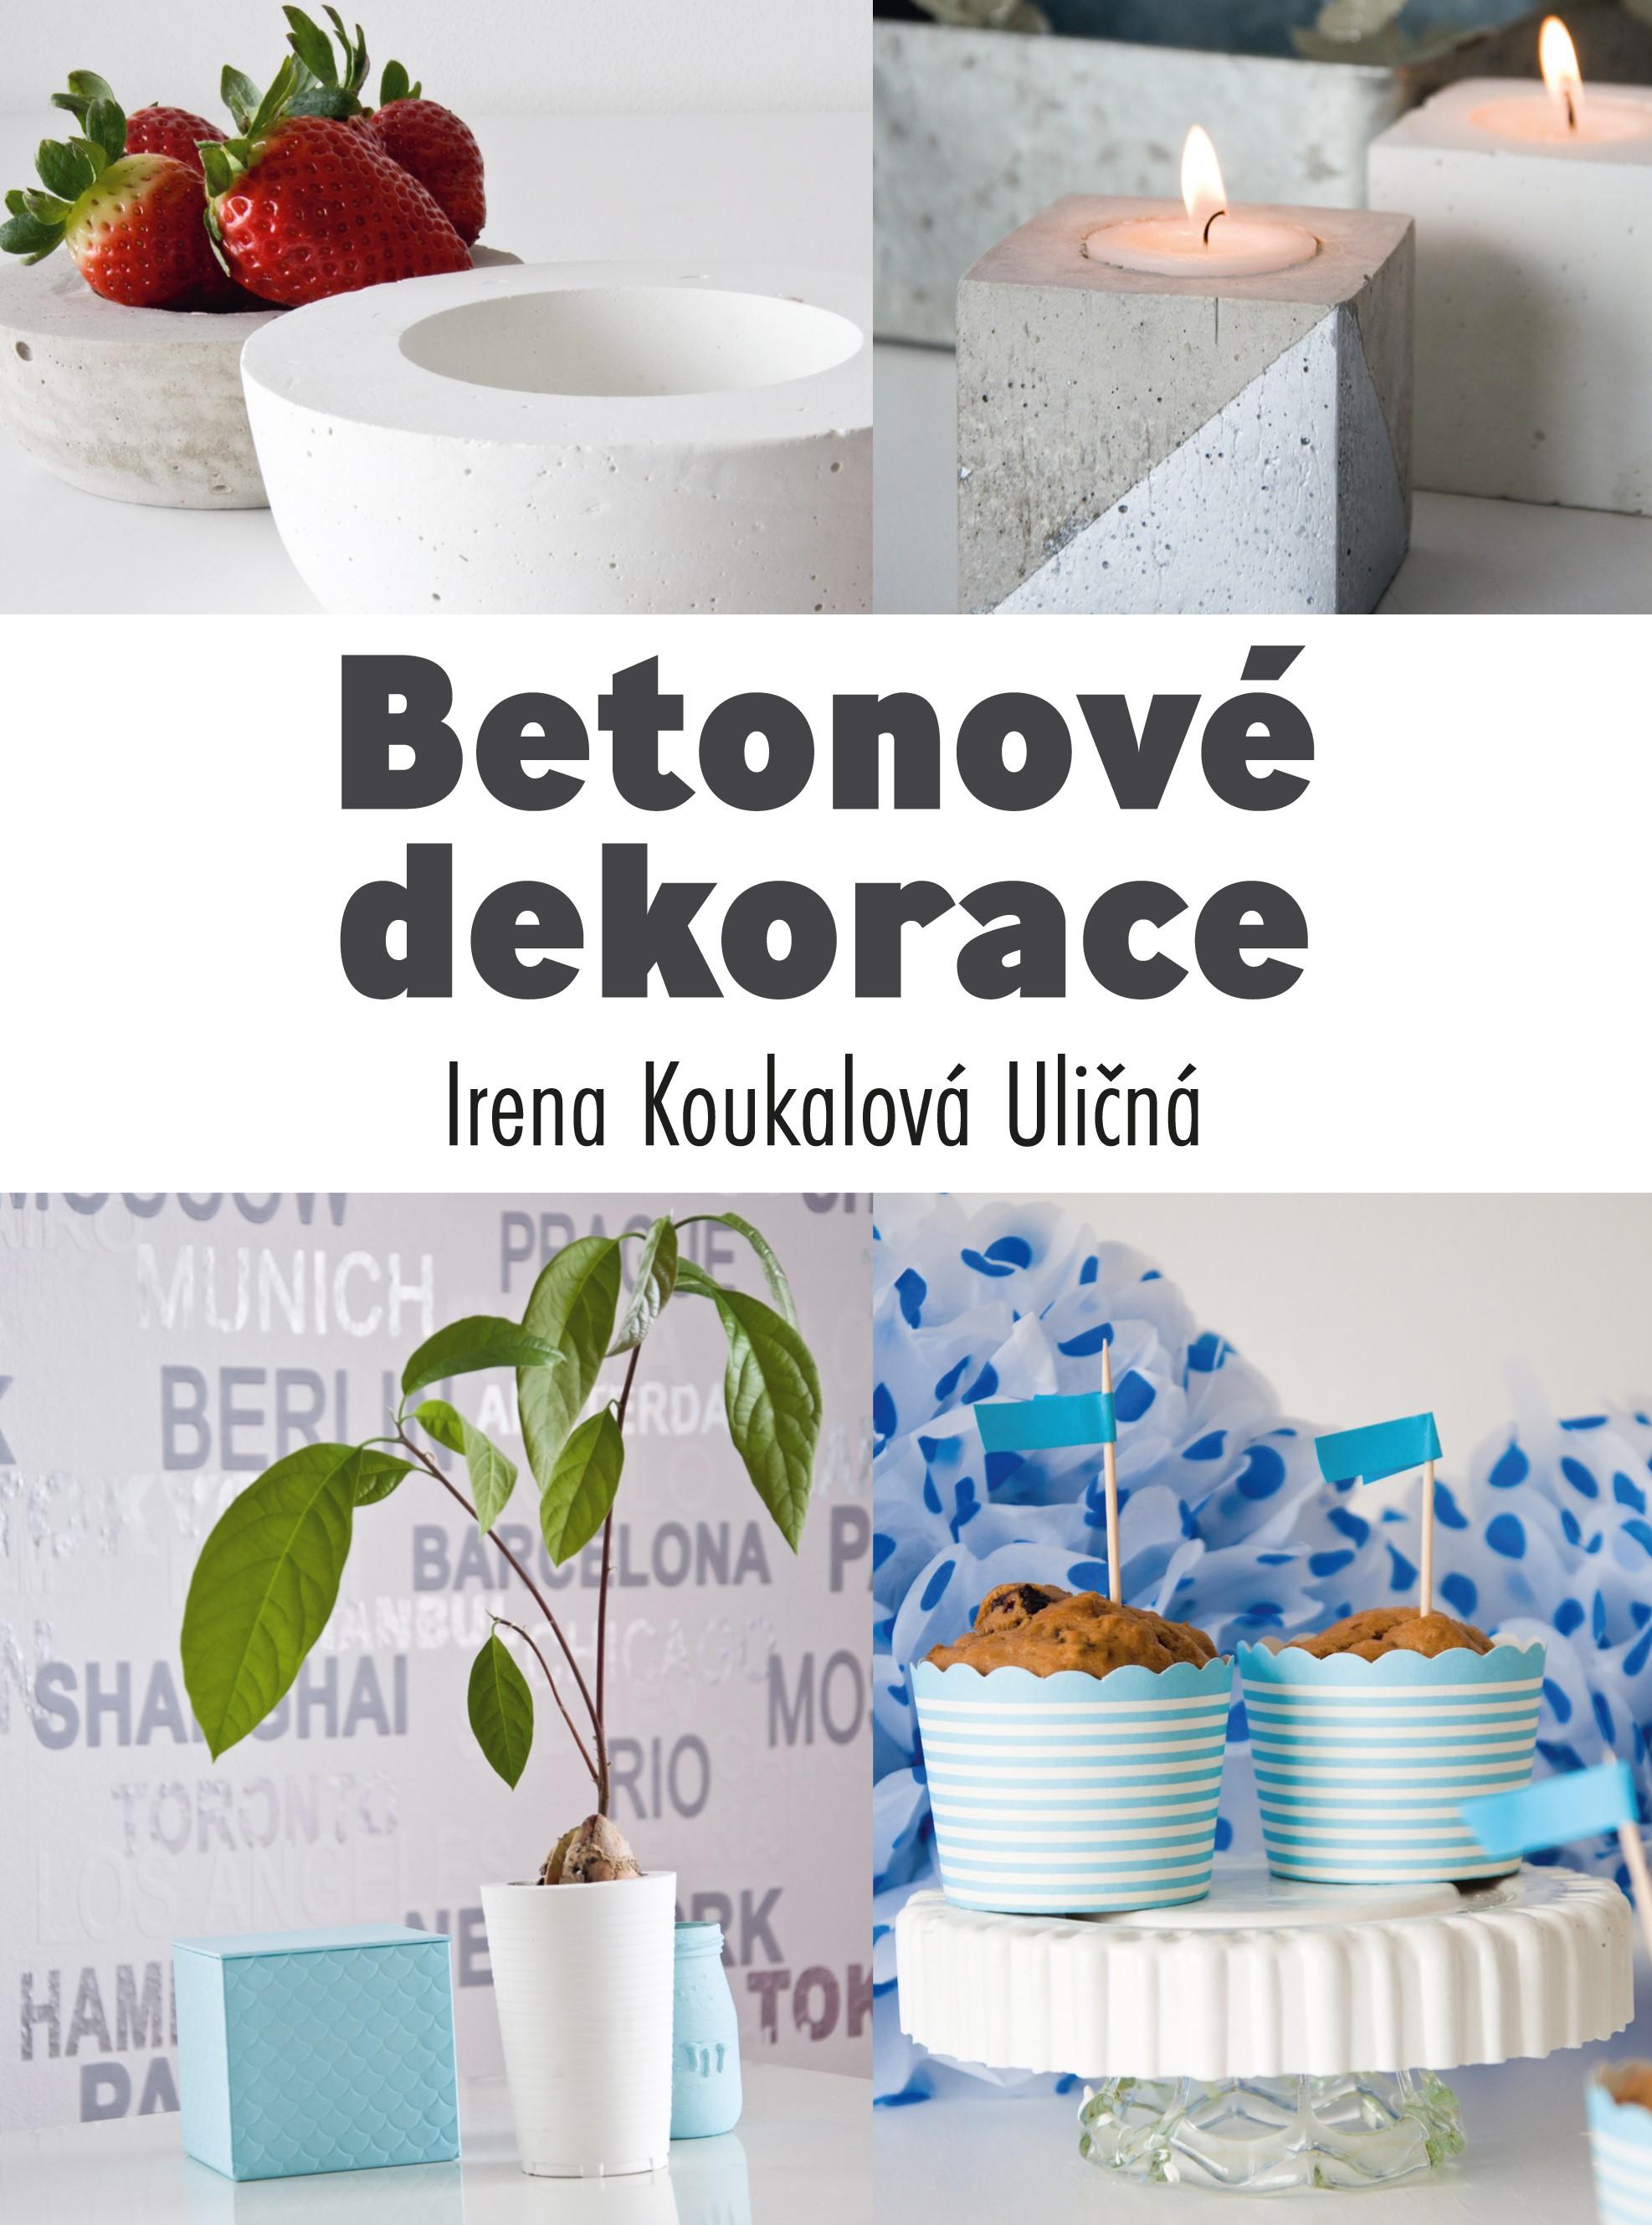 Betonové dekorace | Irena Koukalová Uličná